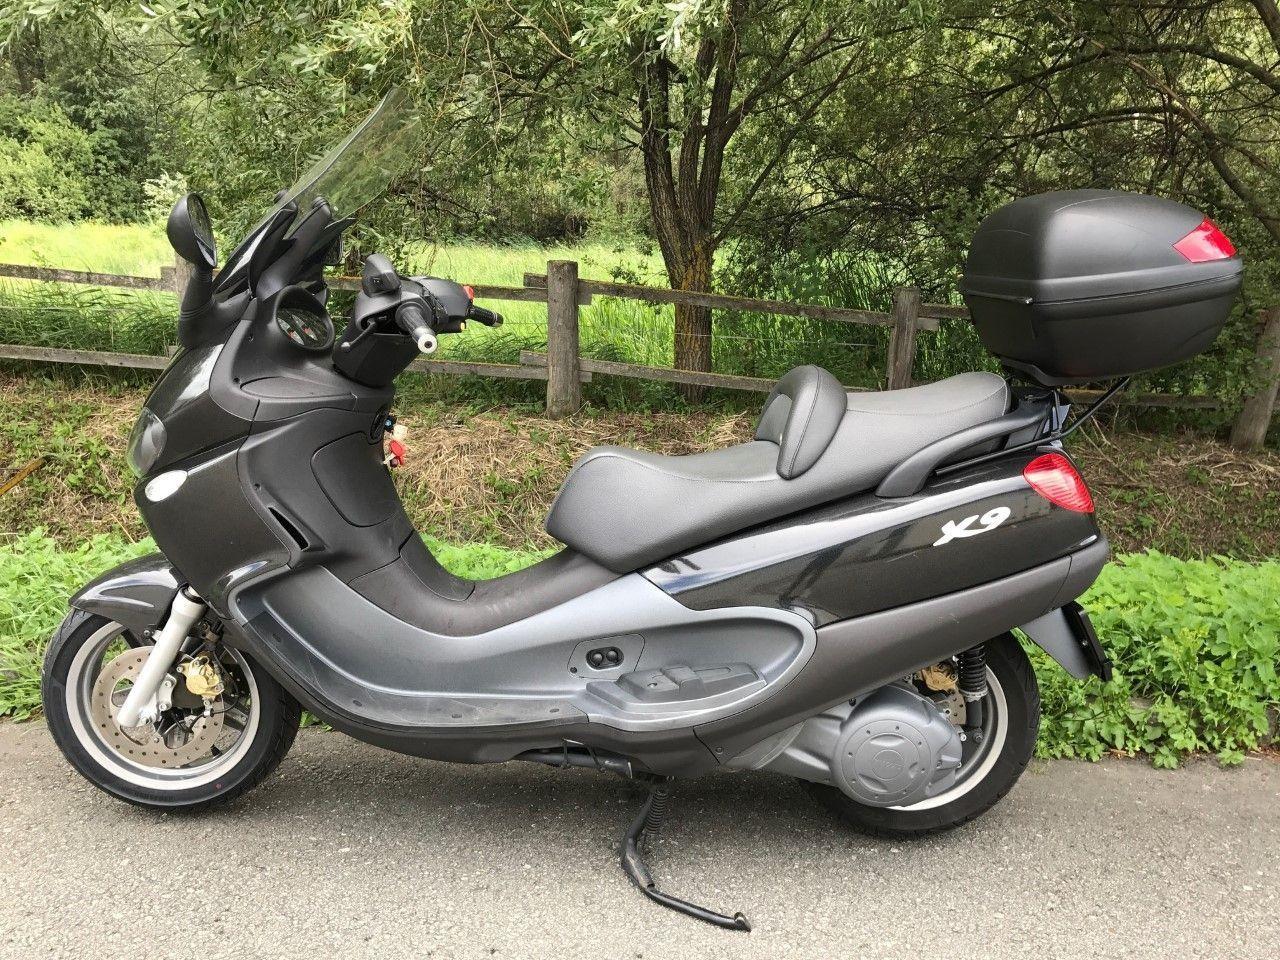 motorrad occasion kaufen piaggio x9 500 b renfaller moto shop brig gamsen. Black Bedroom Furniture Sets. Home Design Ideas